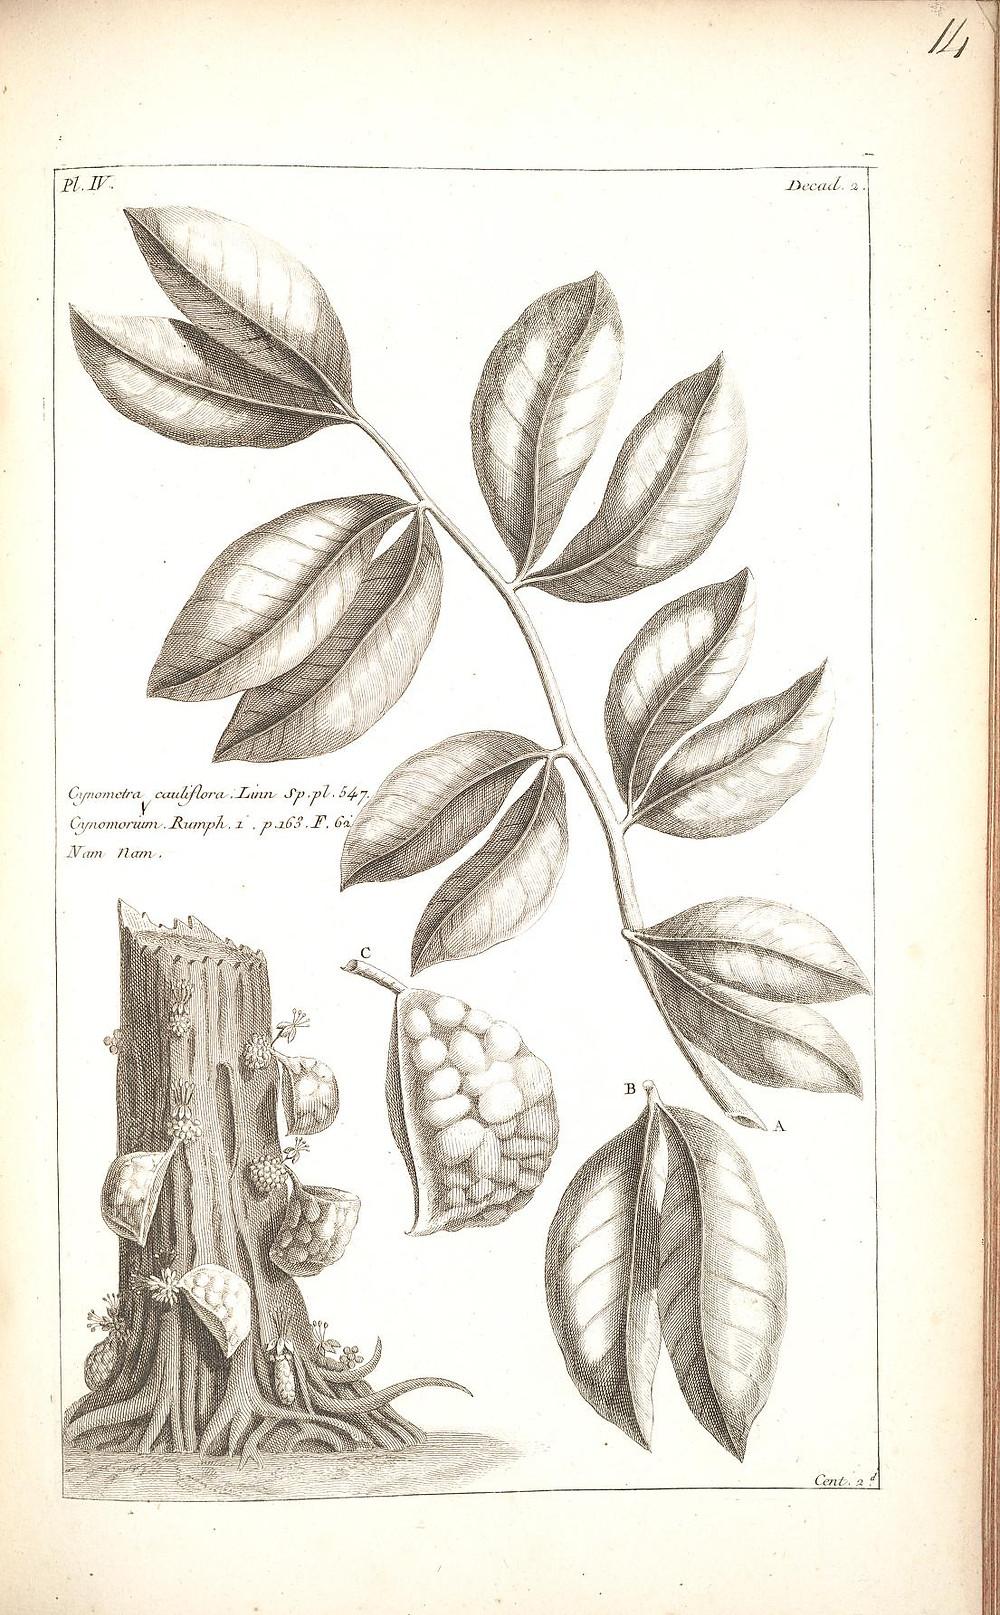 Histoire Universelle, Vol. 2, Chap 2, Paris: Brunet,1775-1778